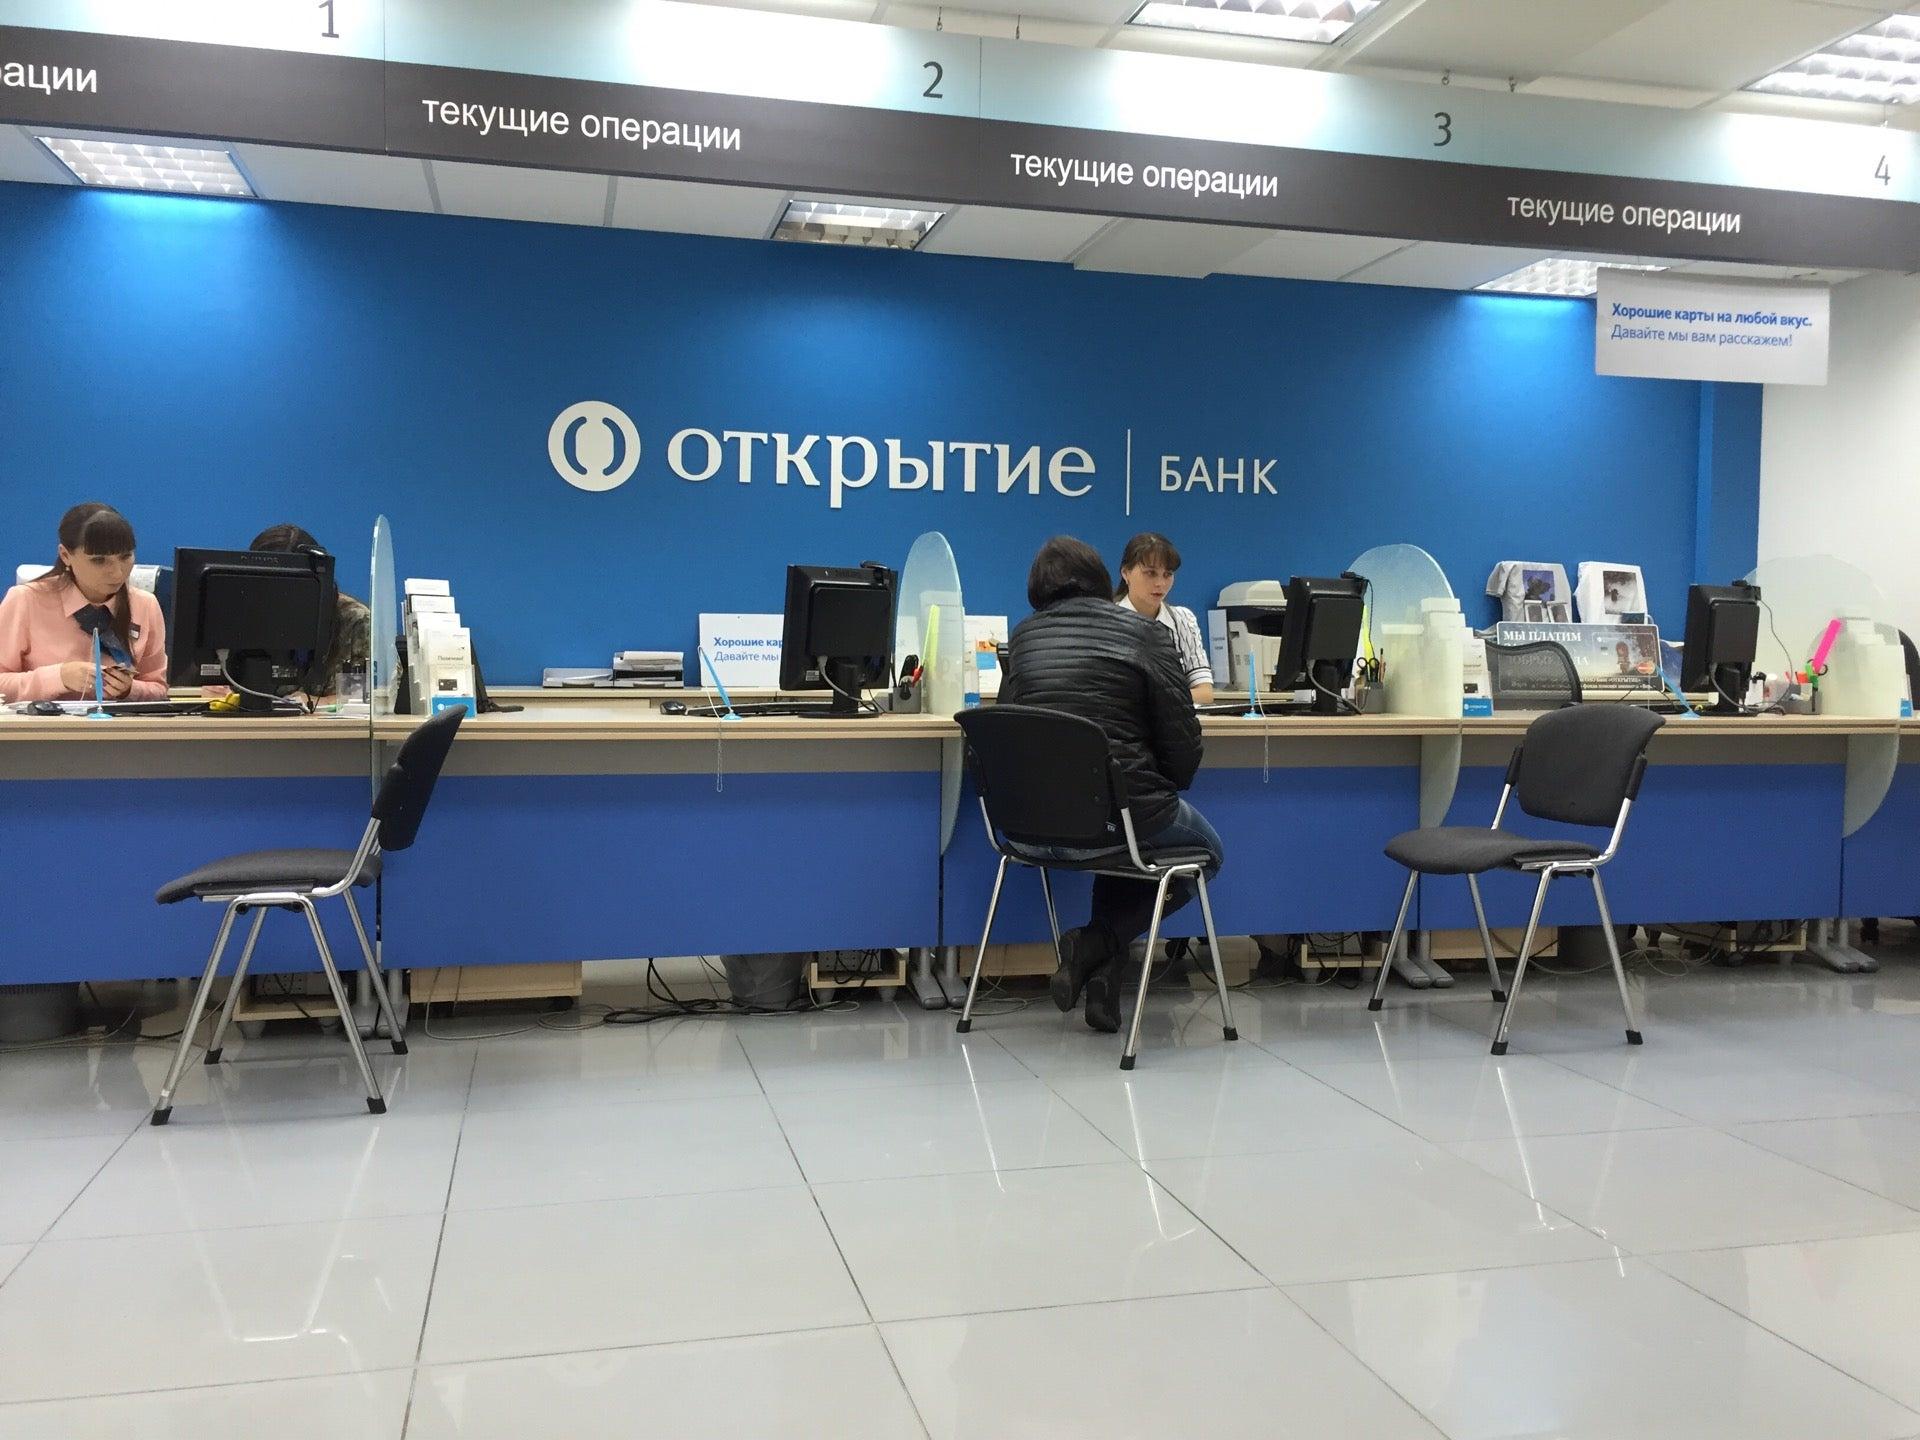 Банк «Открытие»: 67% жителей регионов Центральной России довольны местом своего проживания - новости Афанасий